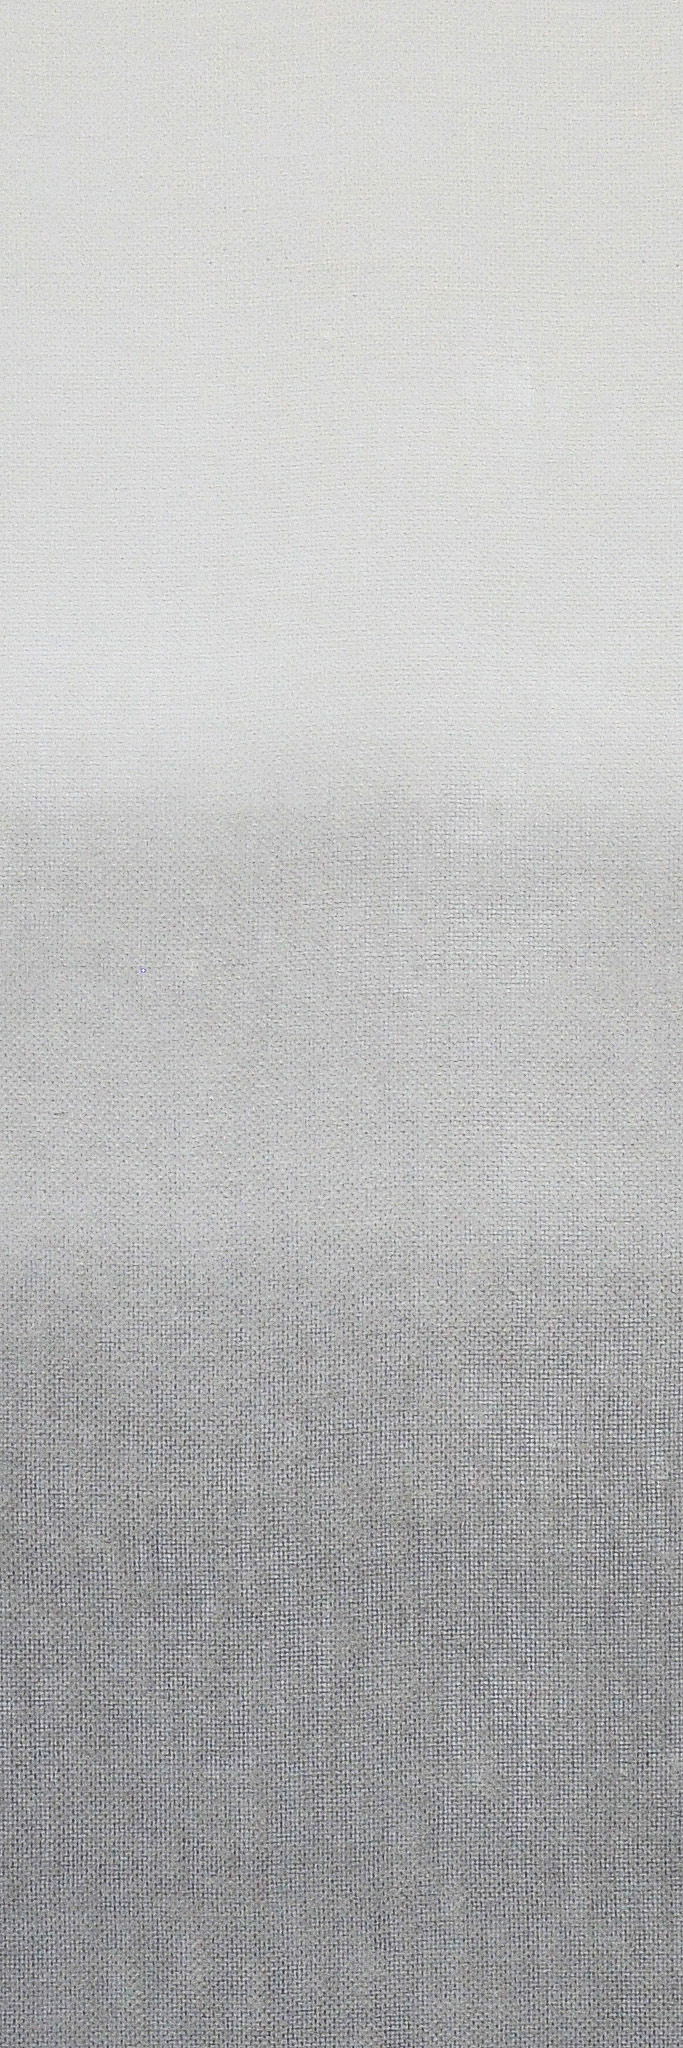 Y110-02 Fog